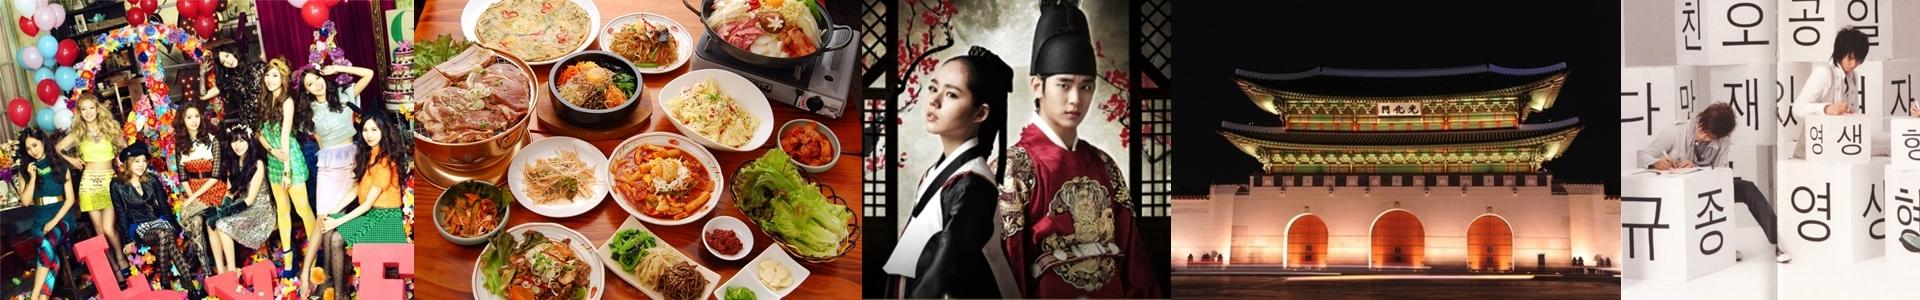 もいぢゃ  K-POP、韓国ドラマ、韓国旅行、韓国コスメなどのブログ&掲示板-Banner